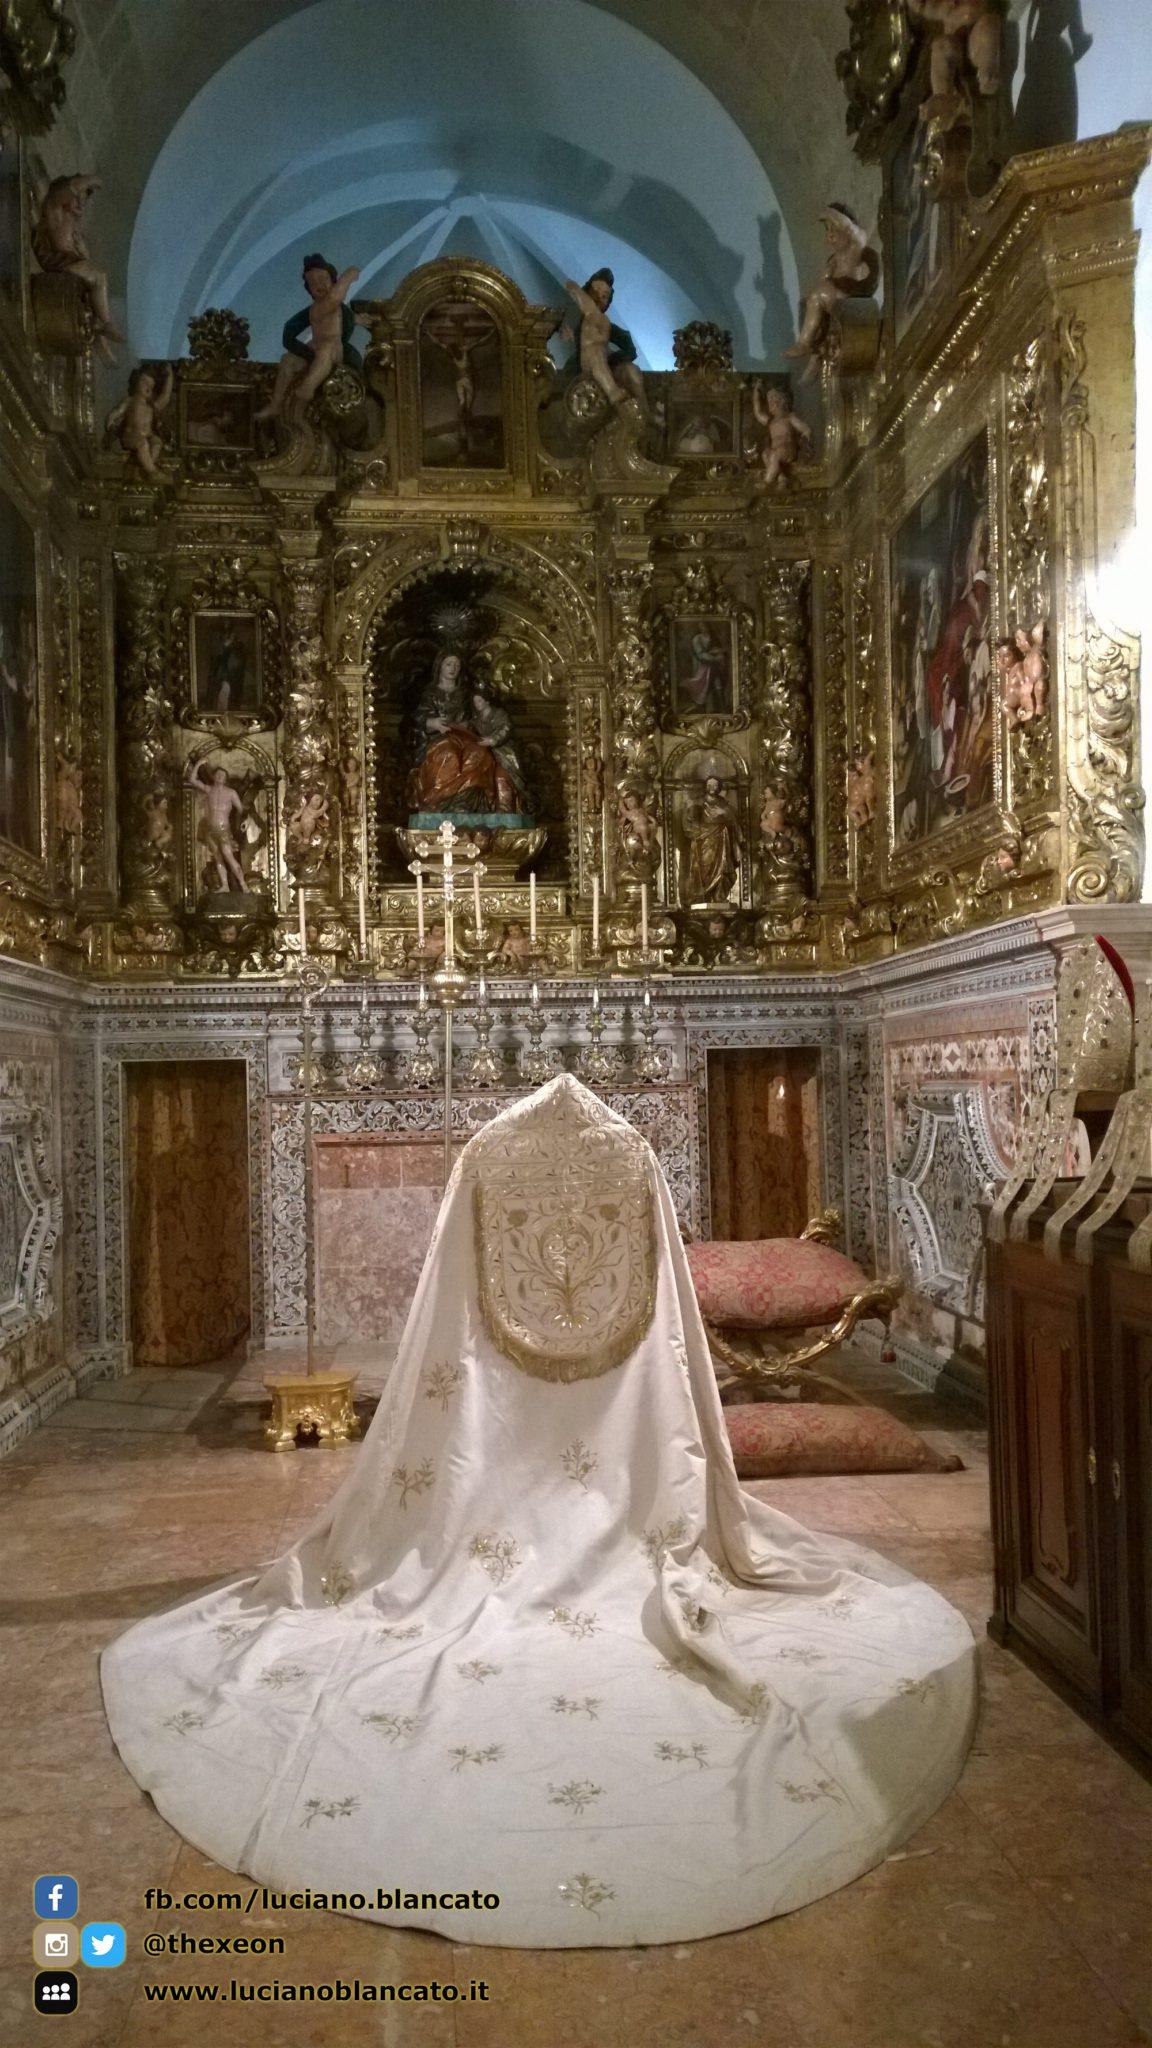 Lisbona - abiti papali - Museu Antonio Museu de Lisboa - Santo António